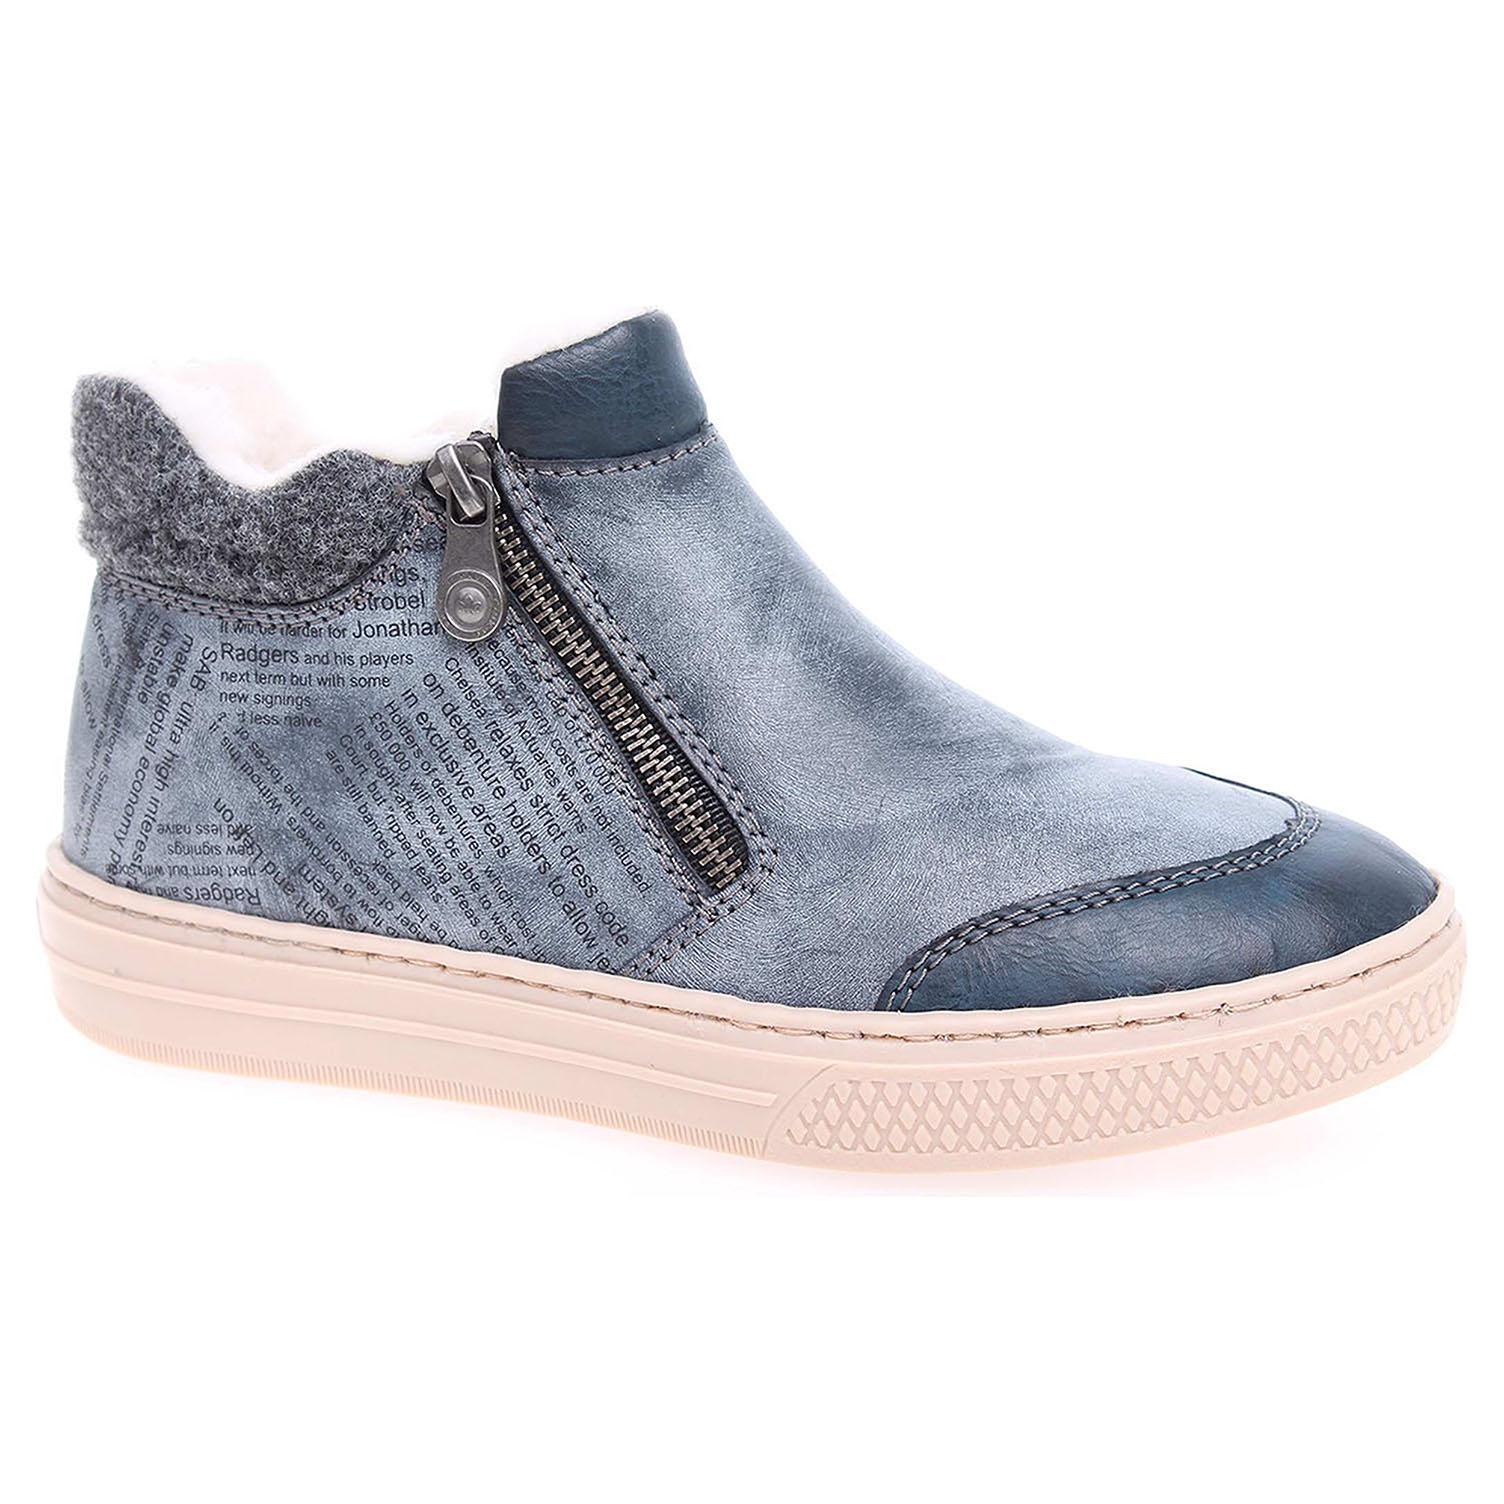 2f674d2e3 Dámska členkové topánky Rieker L5951-14 modré   REJNOK obuv